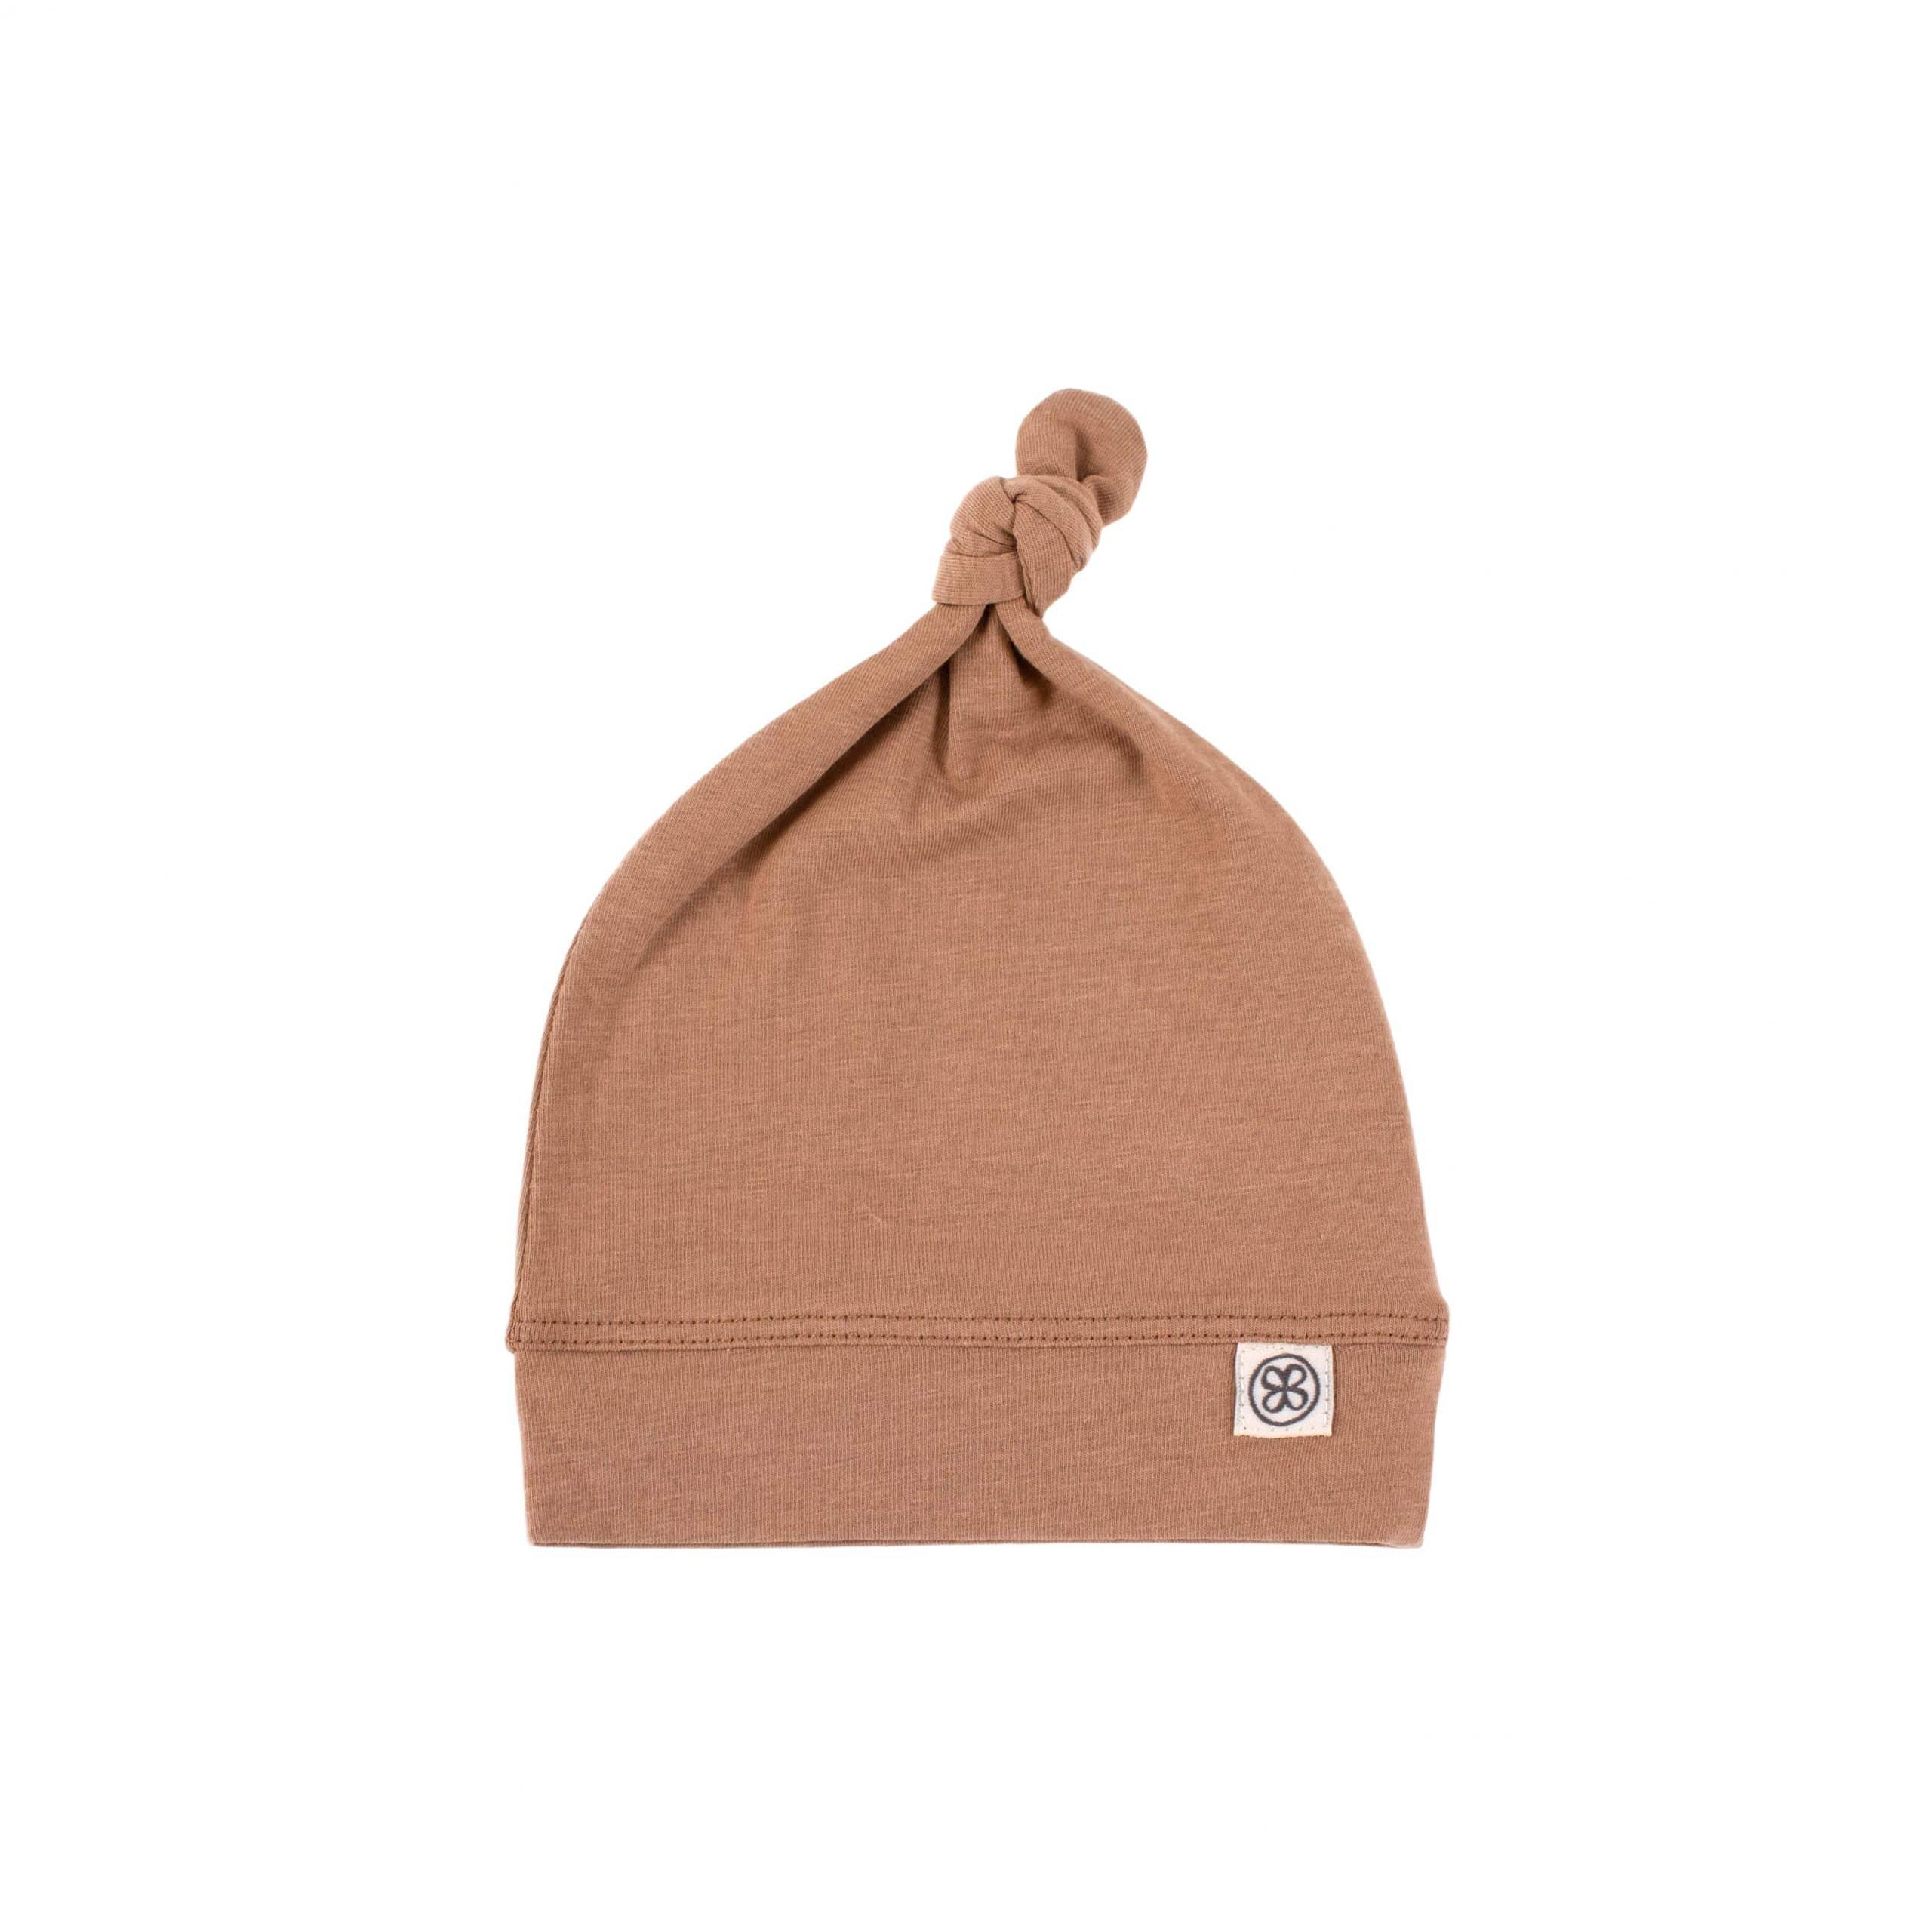 Mütze mit UV-Schutz (UPF 50+) braun (Gr. 50-56)